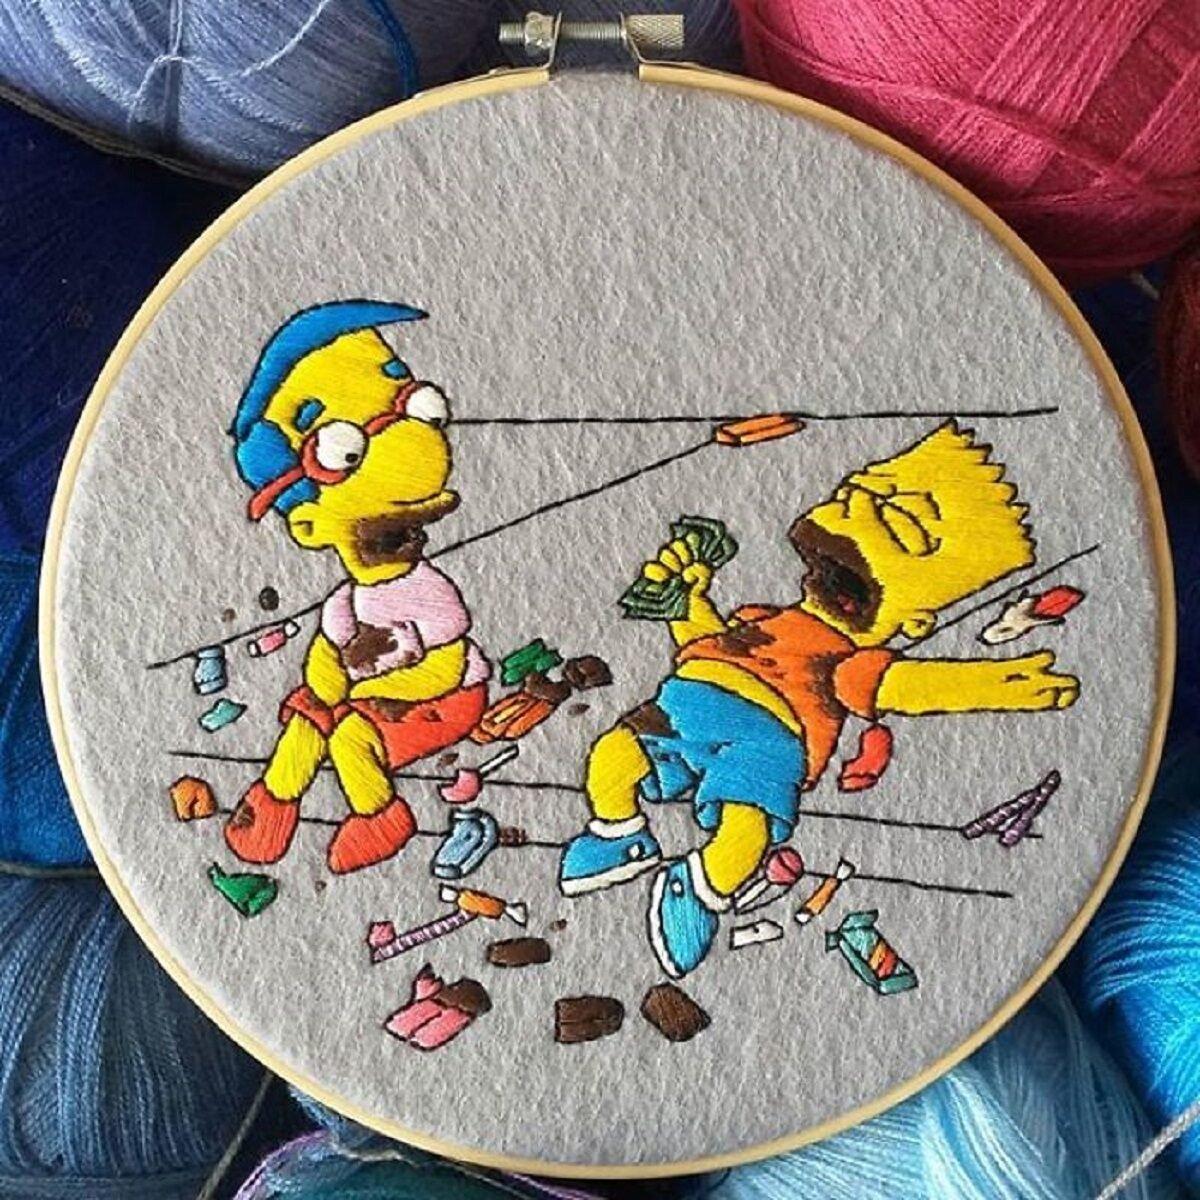 Artista Gabriela Martinez cria bordados de cenas de Os Simpsons 6